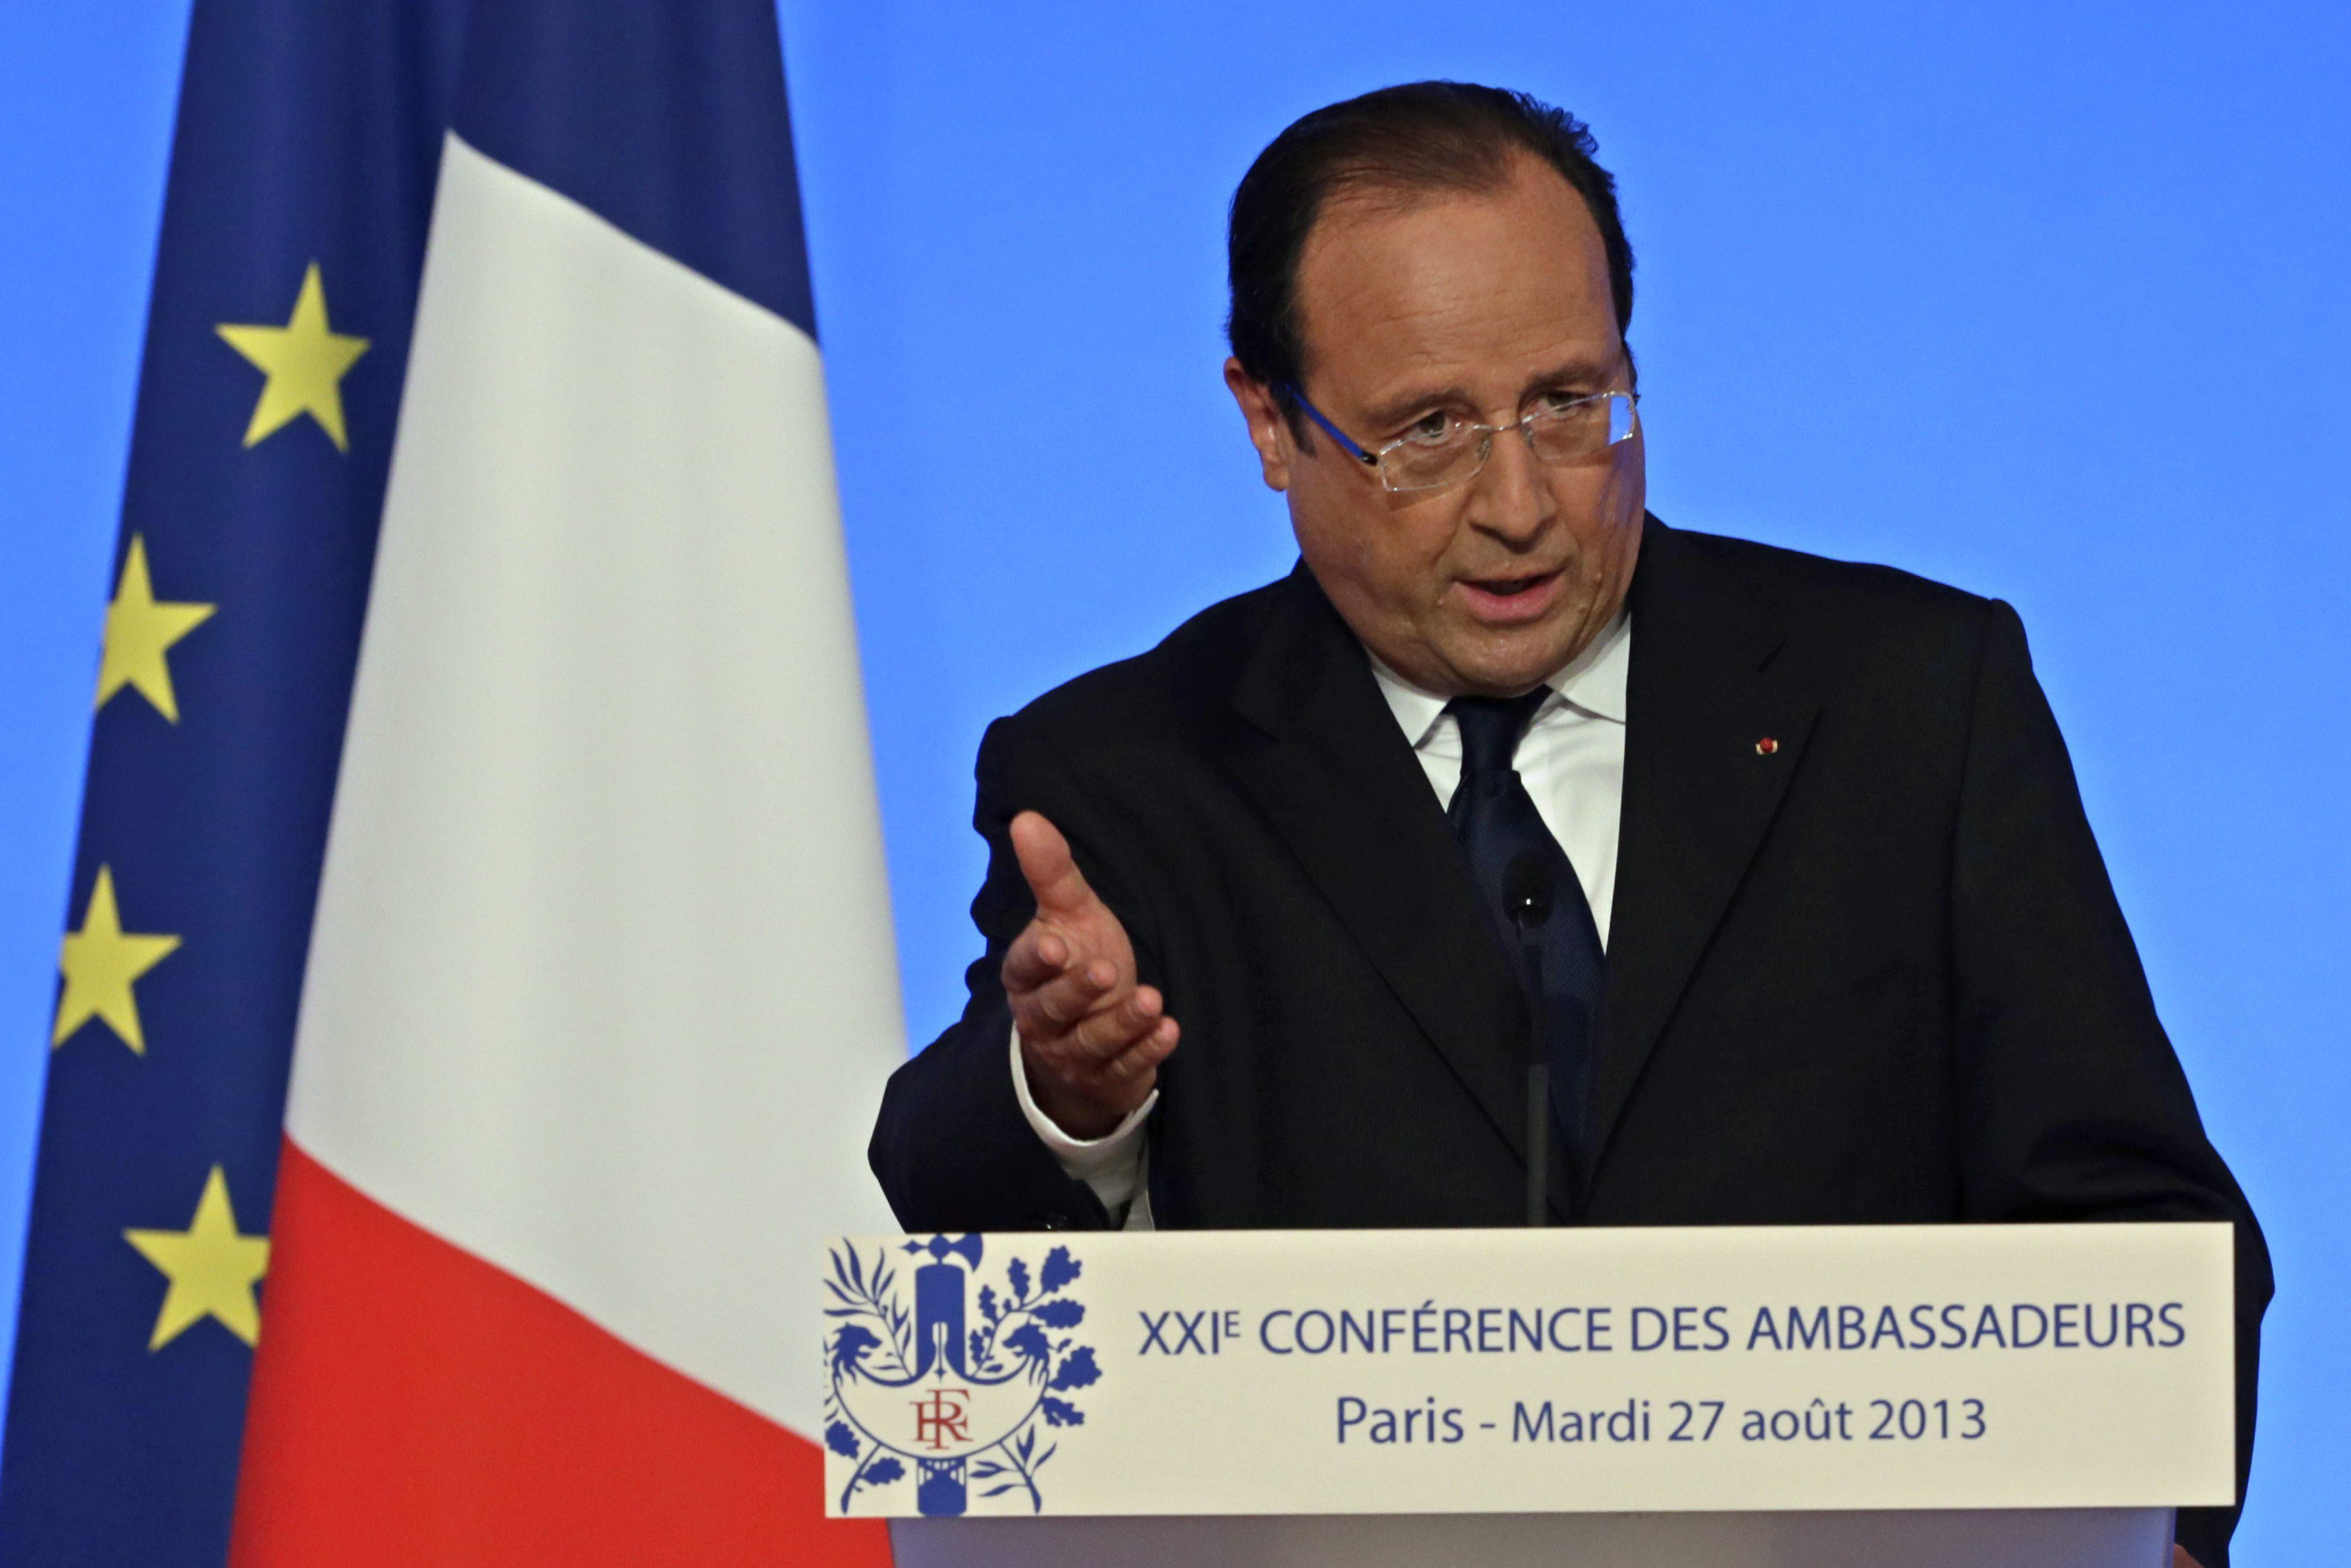 Francia decide reforzar su apoyo militar a la Coalición Nacional Siria